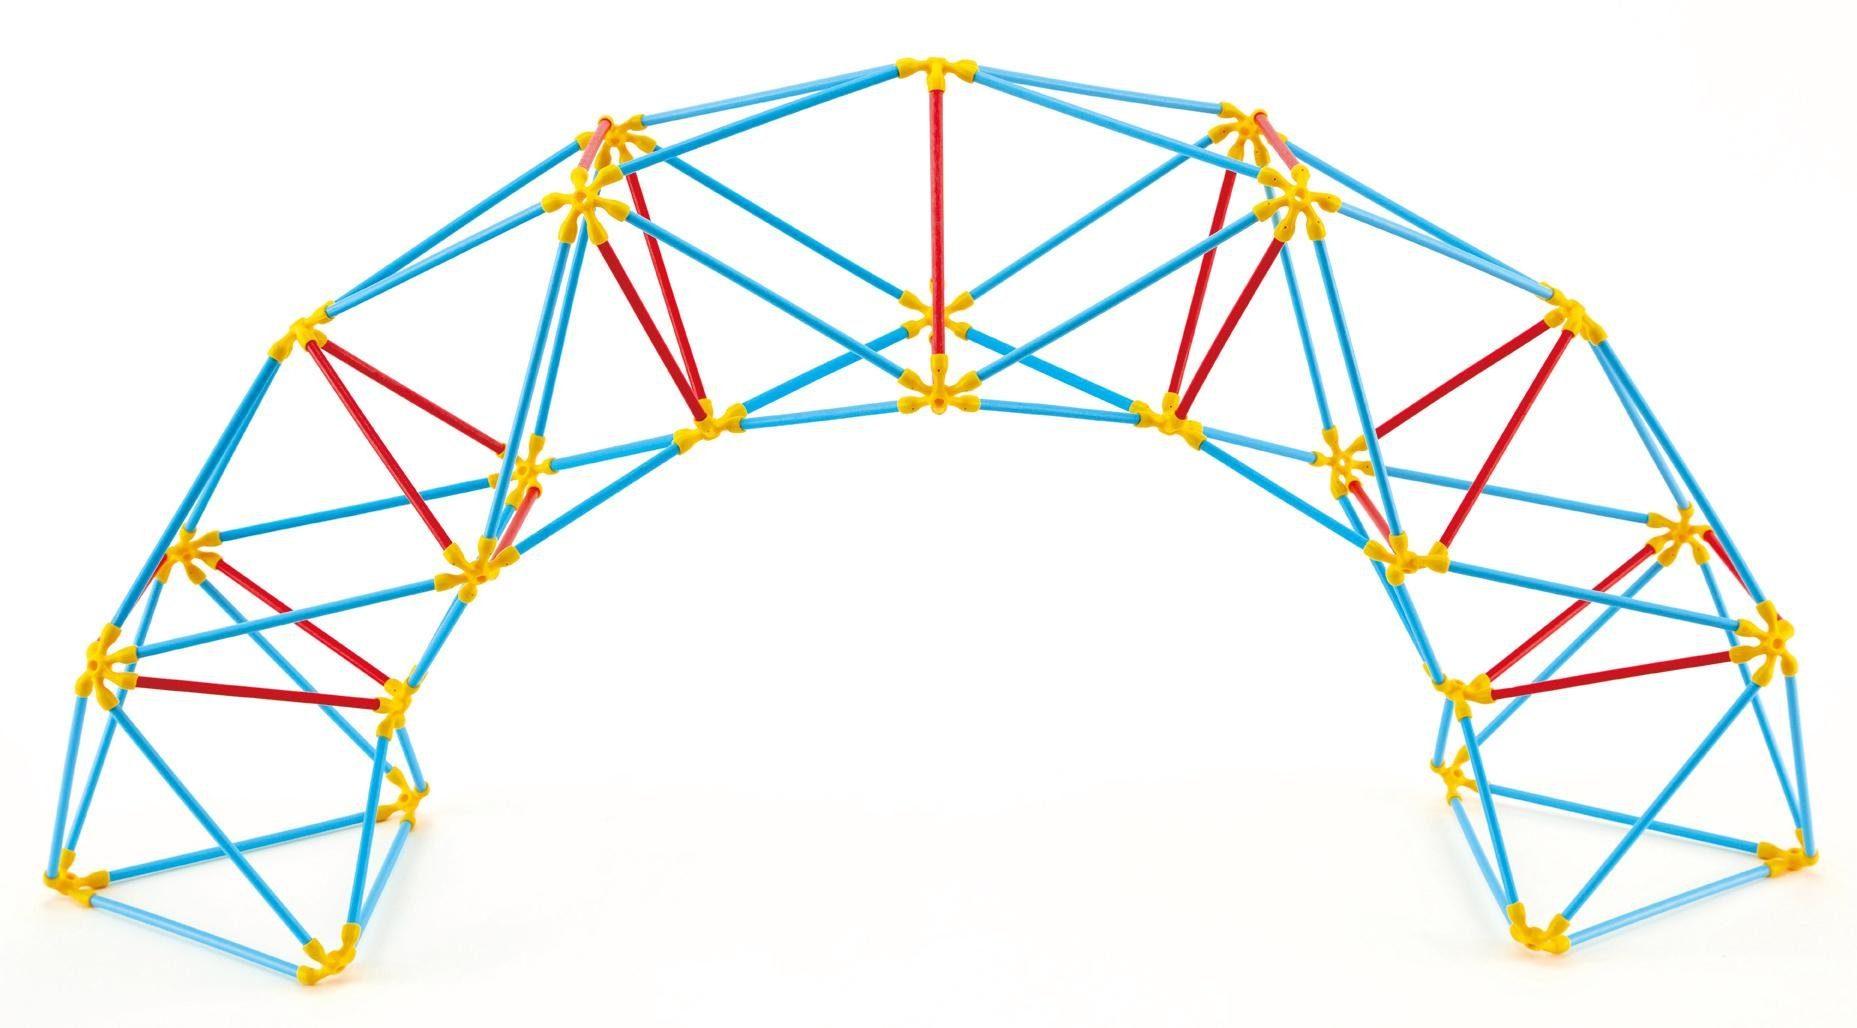 Hape Konstruktionsspielzeug, »Architektur-Bausatz«